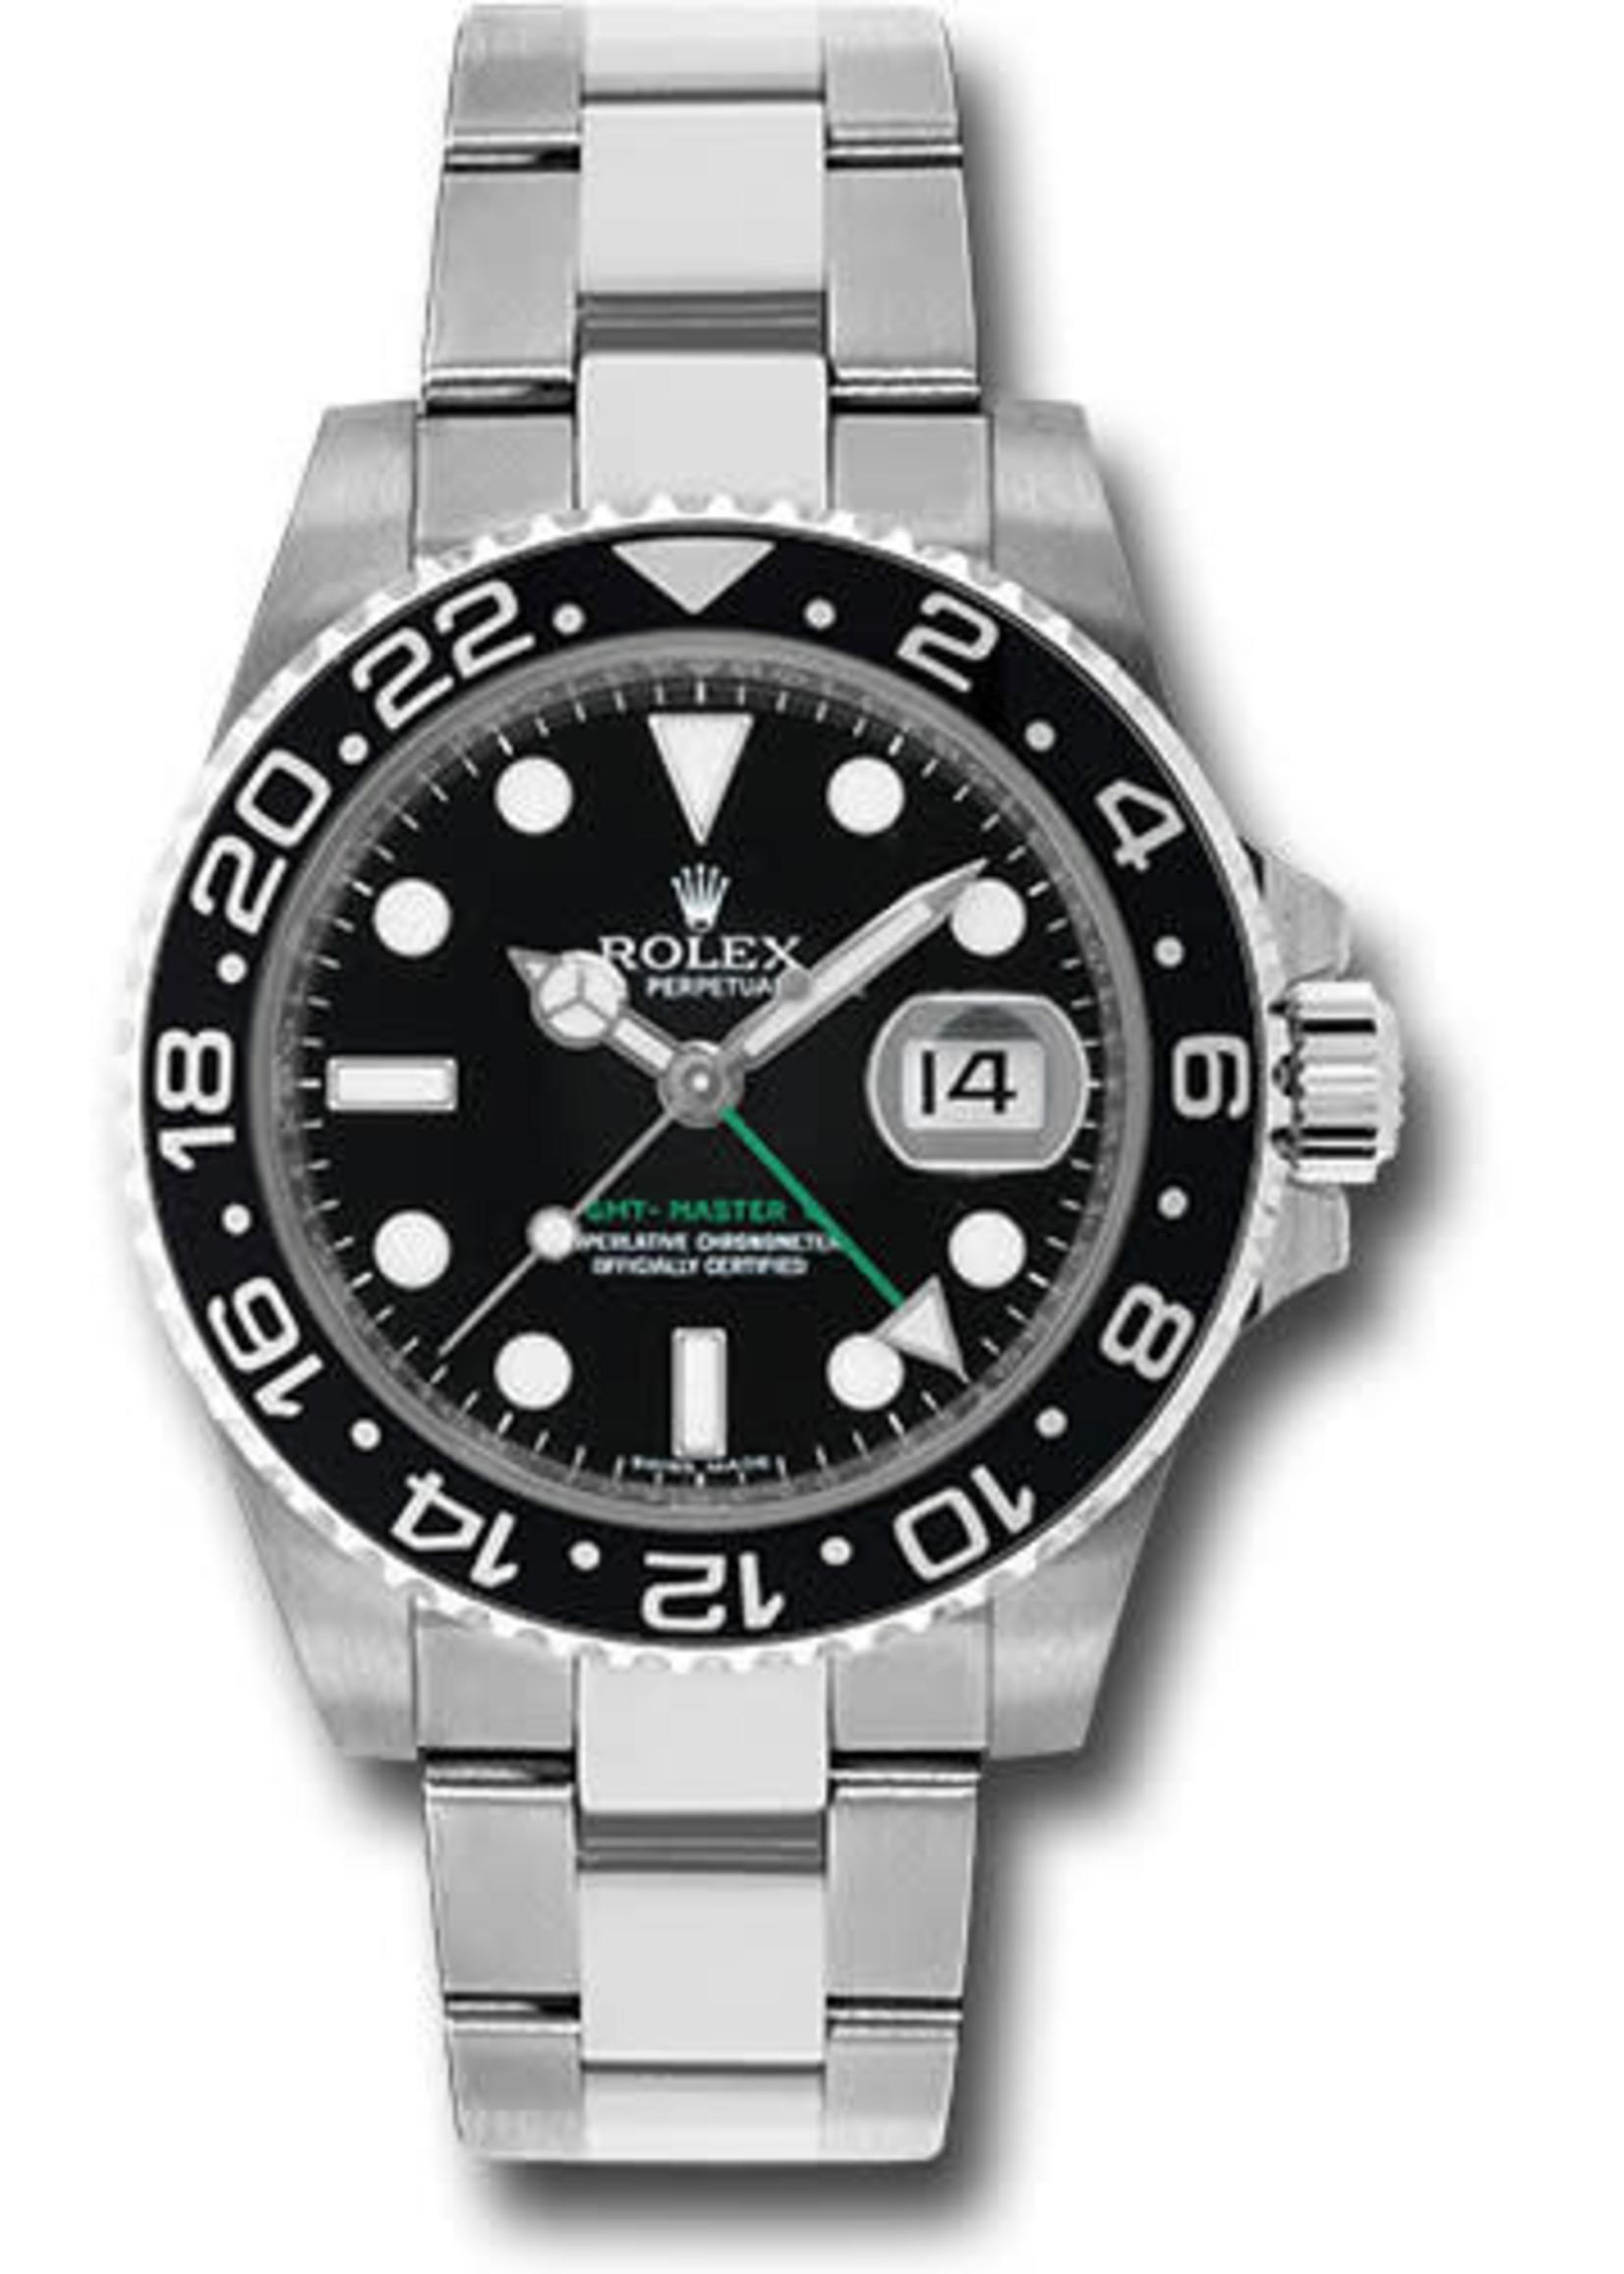 Rolex Watches ROLEX GMT-MASTER II 40MM (2009) #116710LN